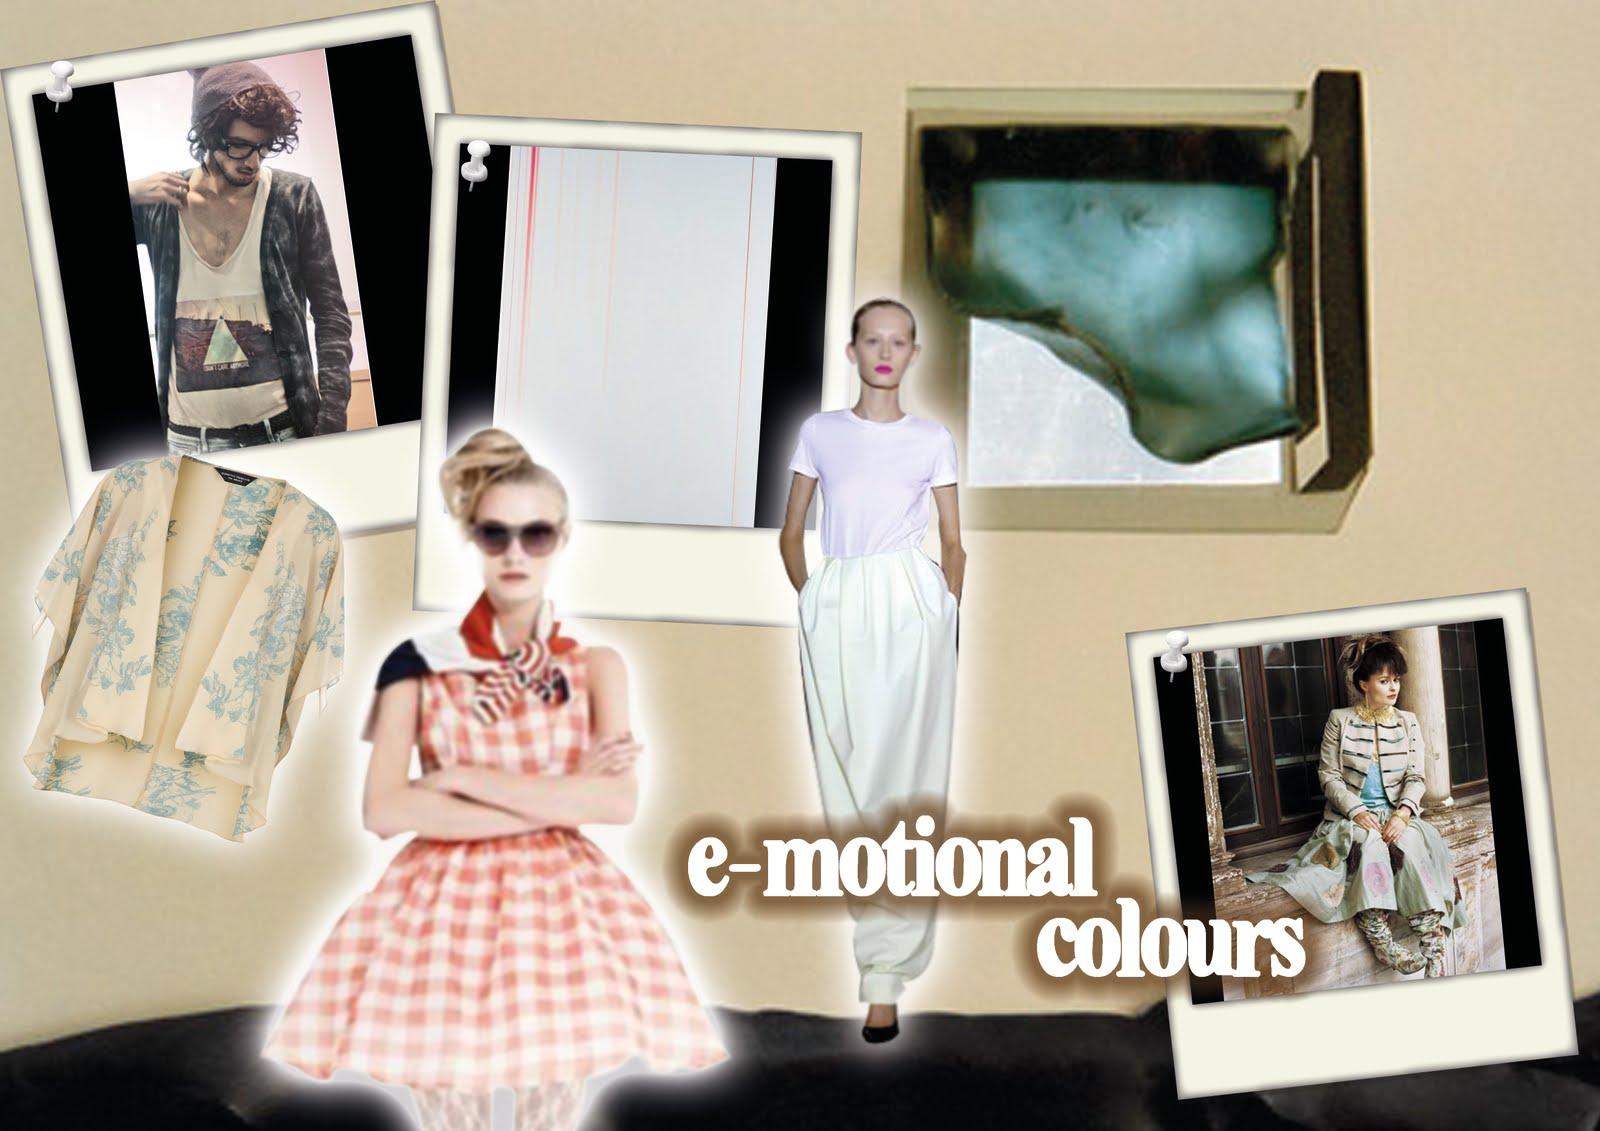 http://1.bp.blogspot.com/-O_jDu3qiOr8/TeTTkXf1fQI/AAAAAAAAAOw/i4YYNsH0kQY/s1600/emotional+colours.jpg